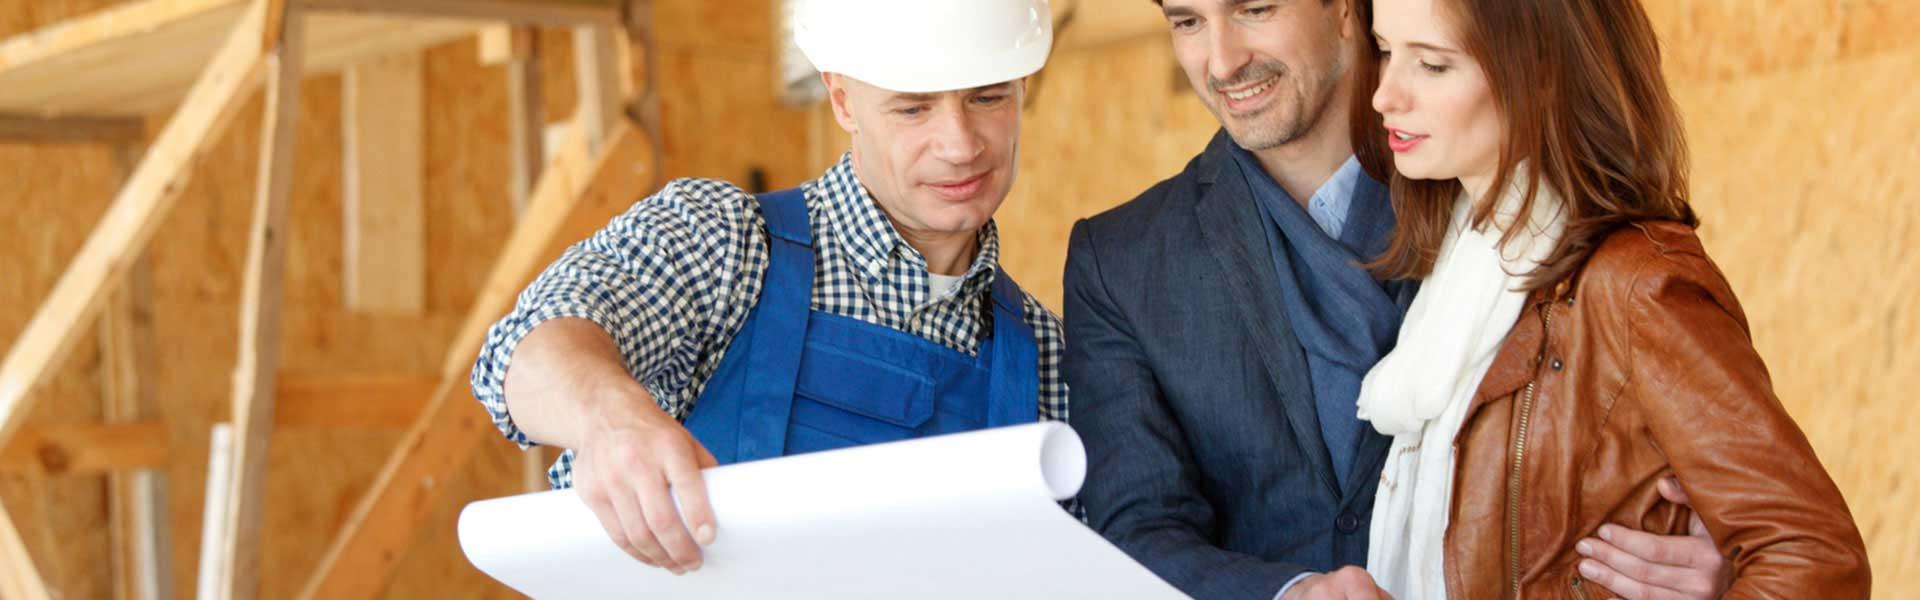 trouver chantiers clients potentiels